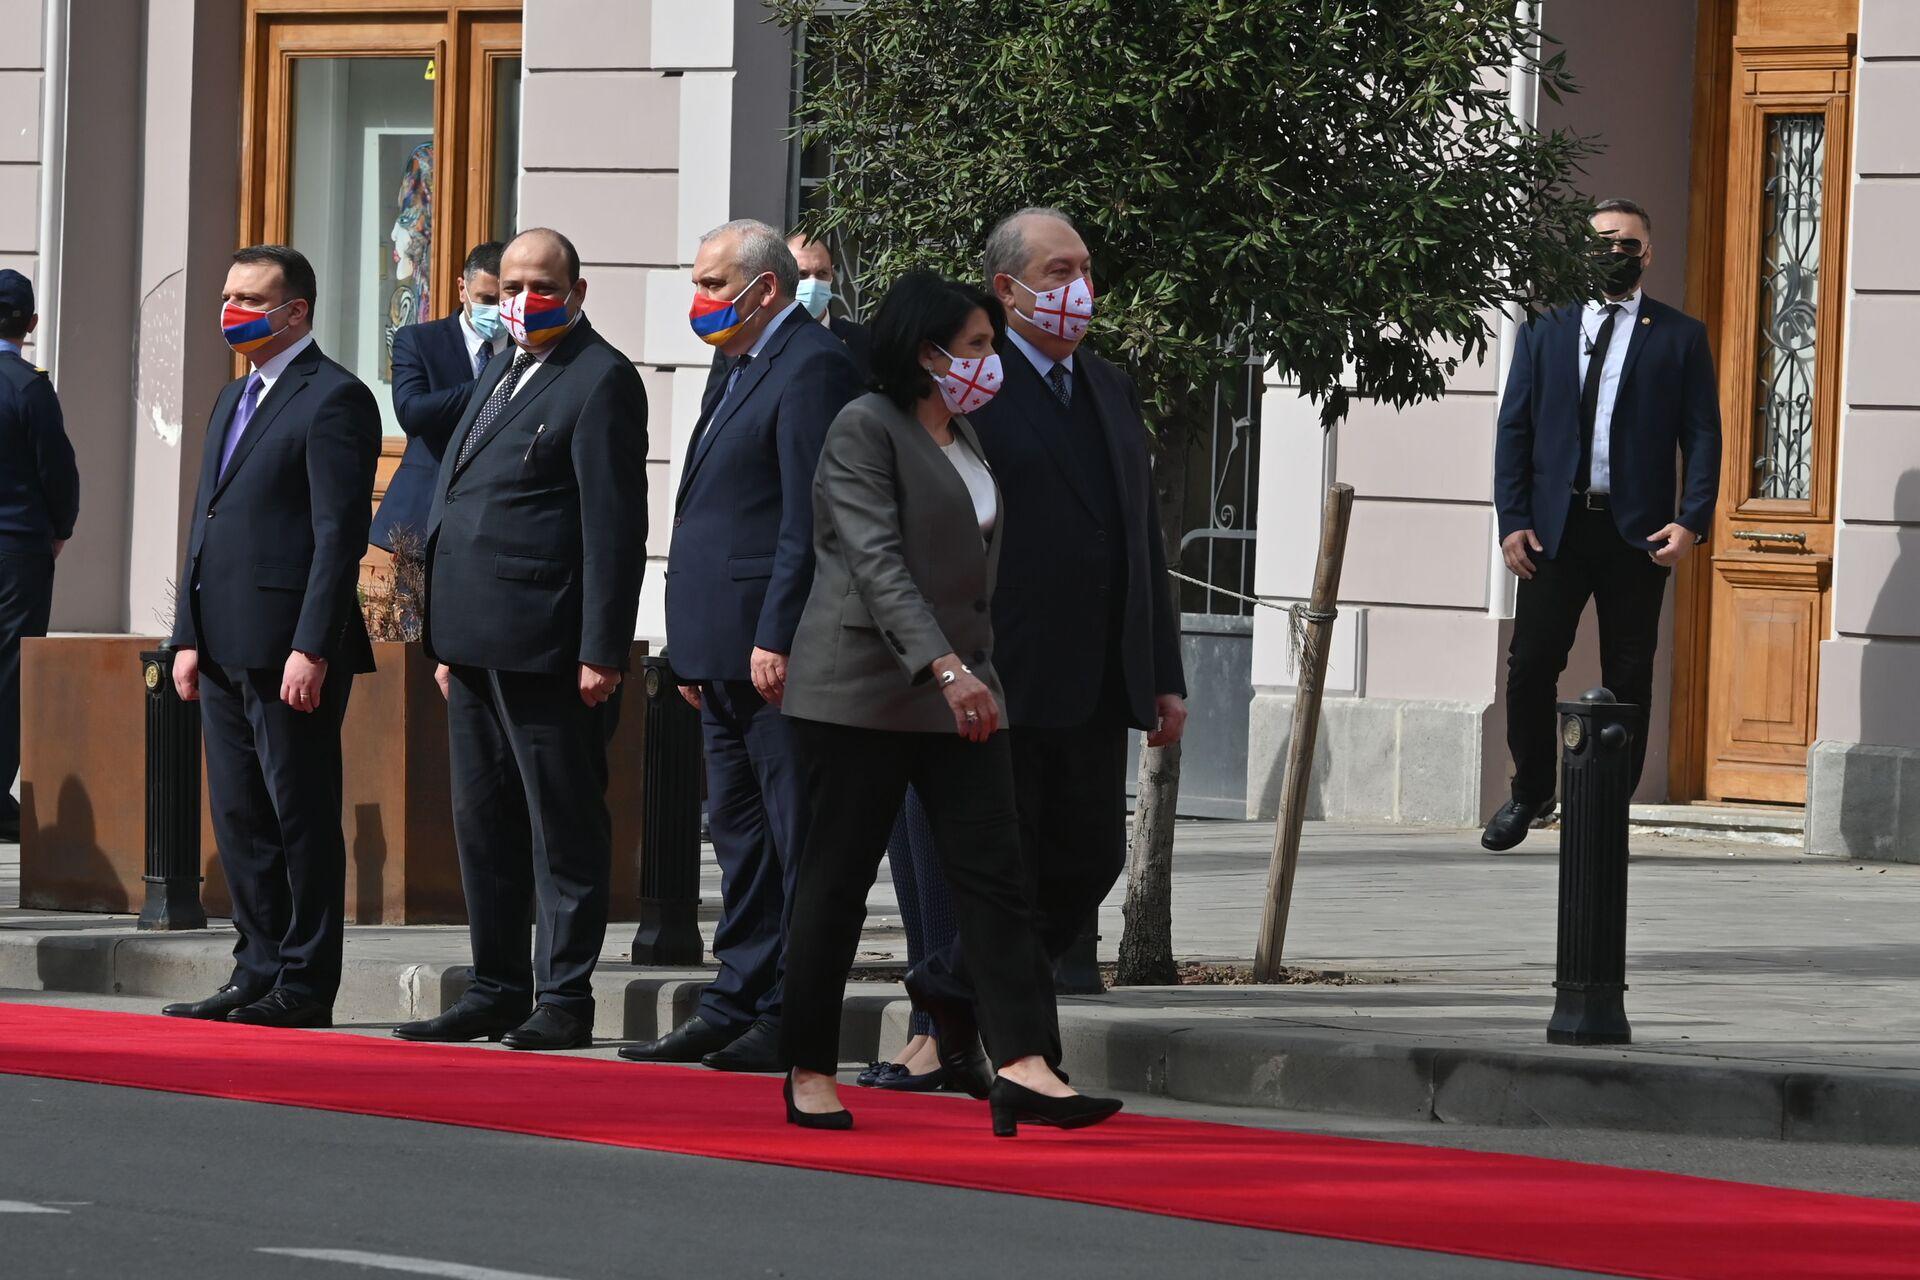 Мир и сотрудничество: о чем говорили президенты Грузии и Армении - Sputnik Грузия, 1920, 15.04.2021